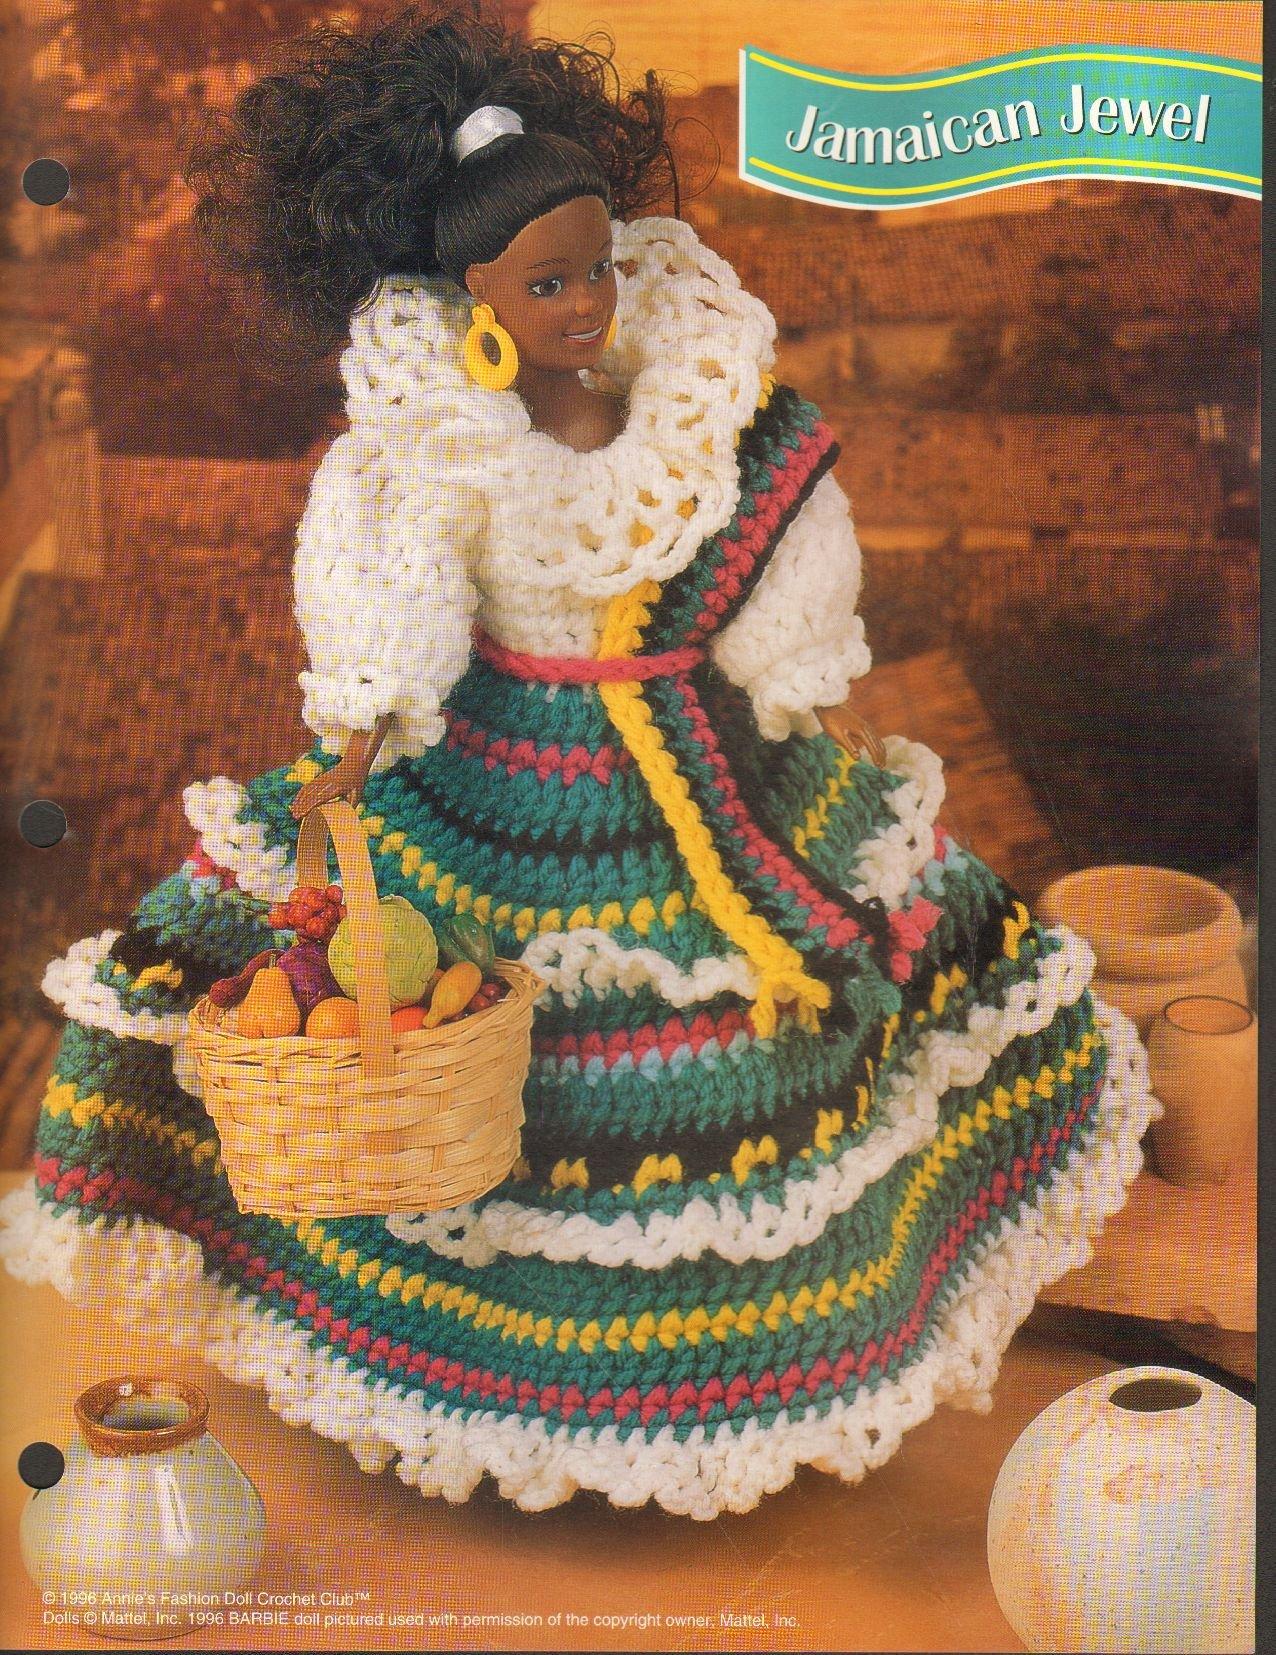 1997 Annies Attic Fashion Doll Crochet Club Pattern Leaflet